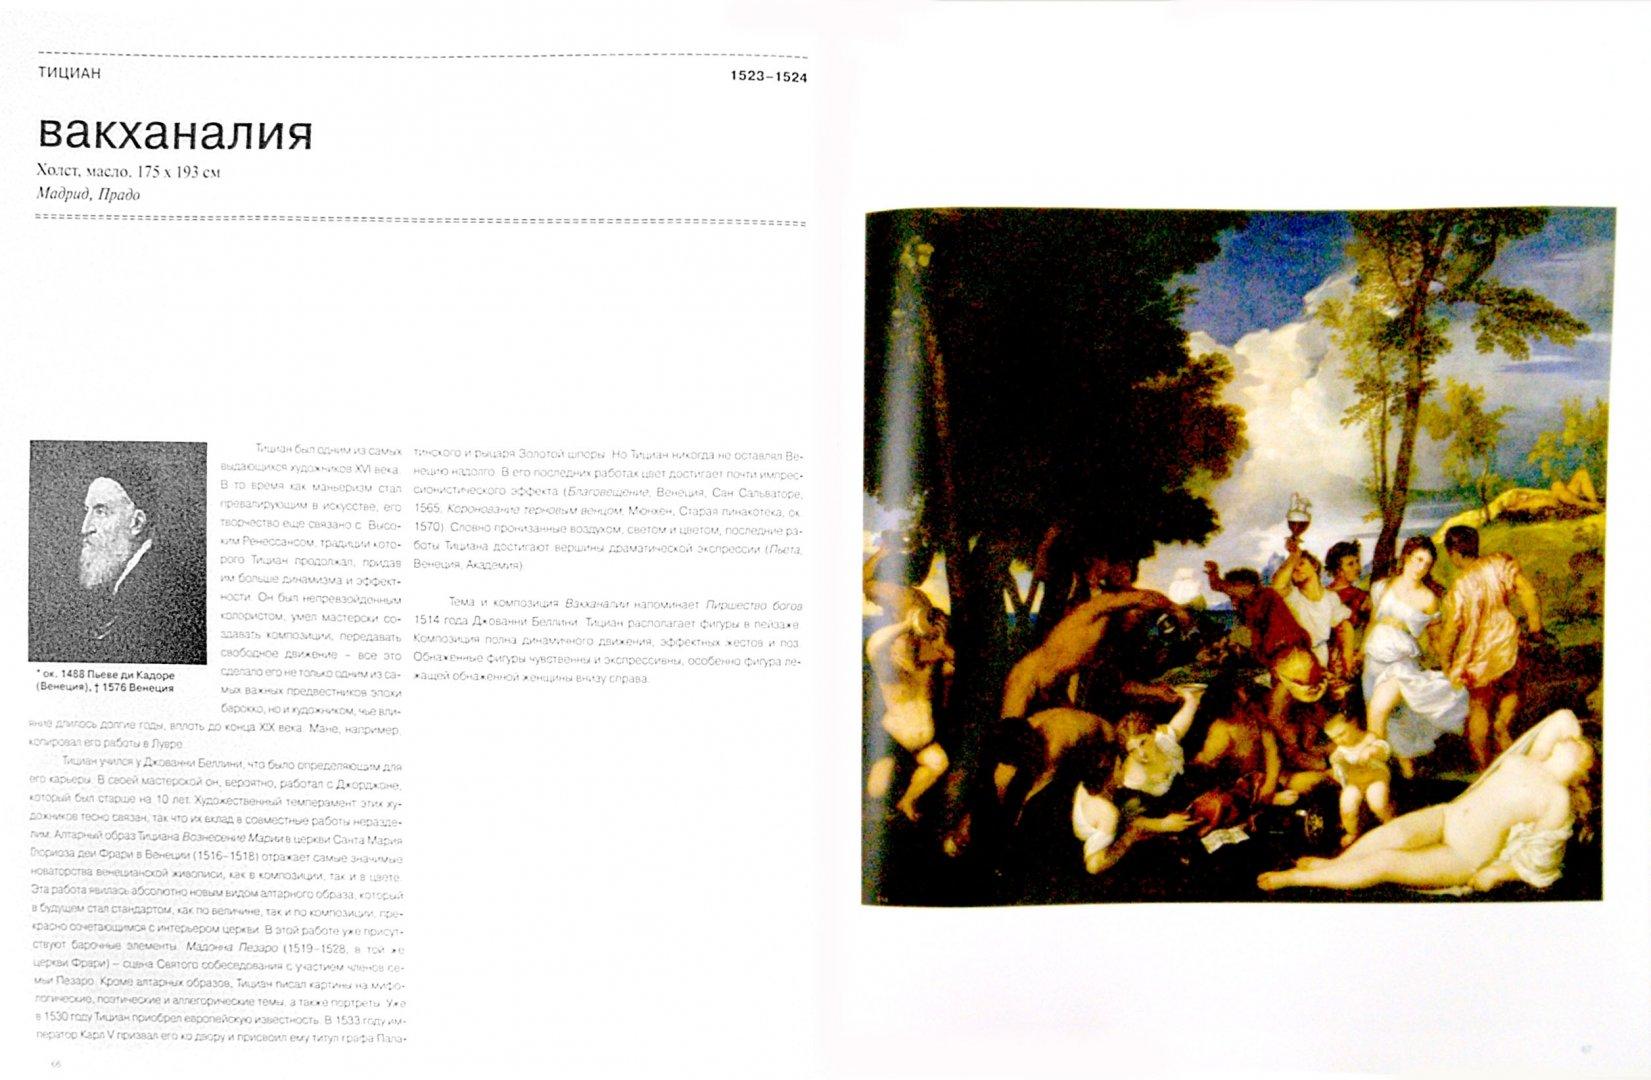 Иллюстрация 1 из 10 для Возрождение - Манфред Вундрам | Лабиринт - книги. Источник: Лабиринт